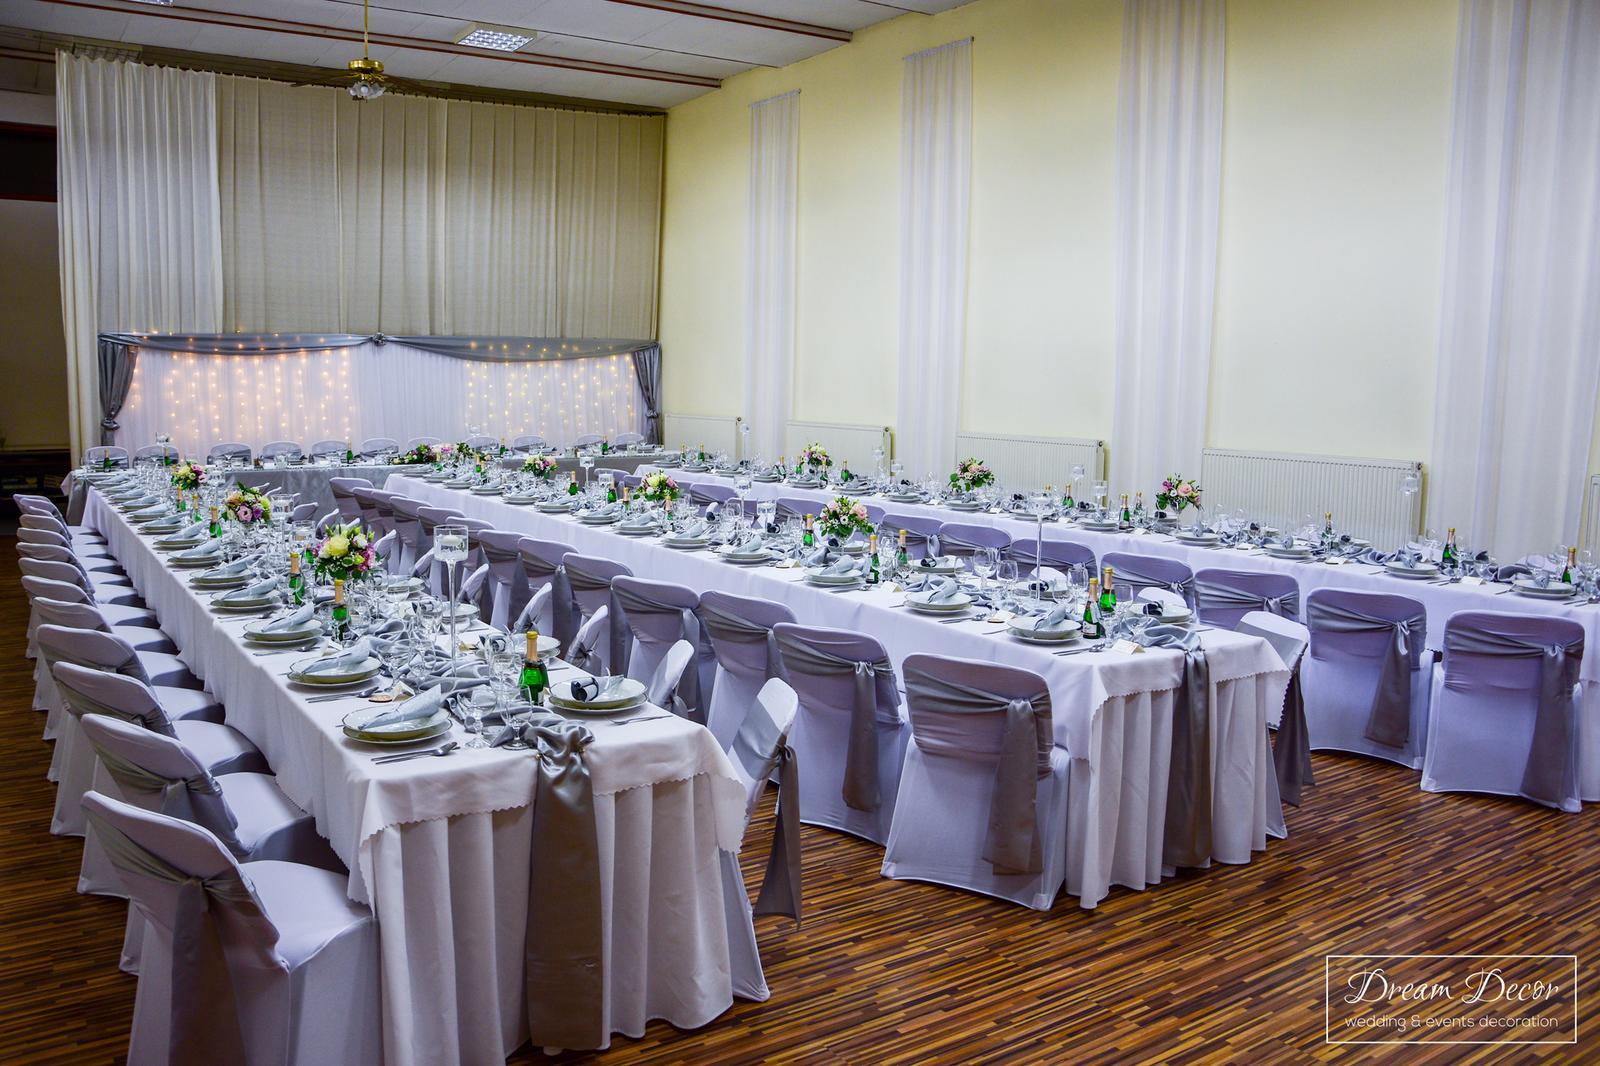 Svadobná výzdoba reštaurácie Marica, Gabčíkovo - Svadobná výzdoba reštaurácie Marica, Gabčíkovo